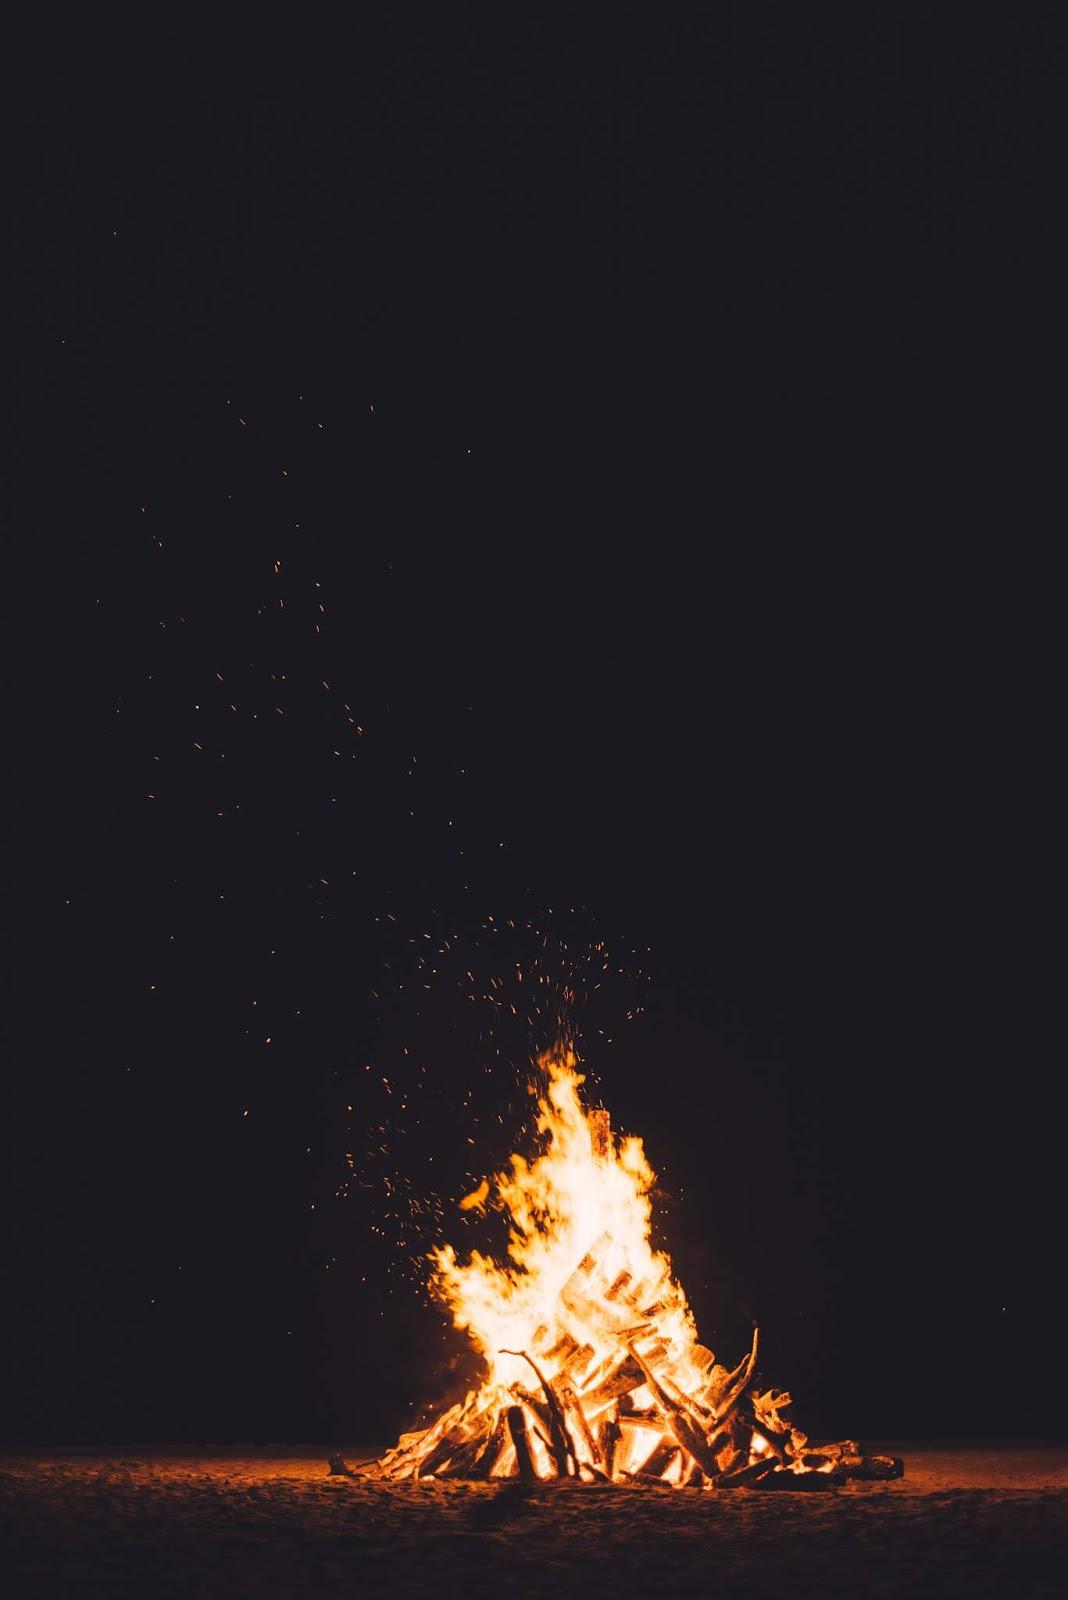 Δασικές πυρκαγιές: Πώς να προστατευτείτε - Οδηγίες ασφαλείας